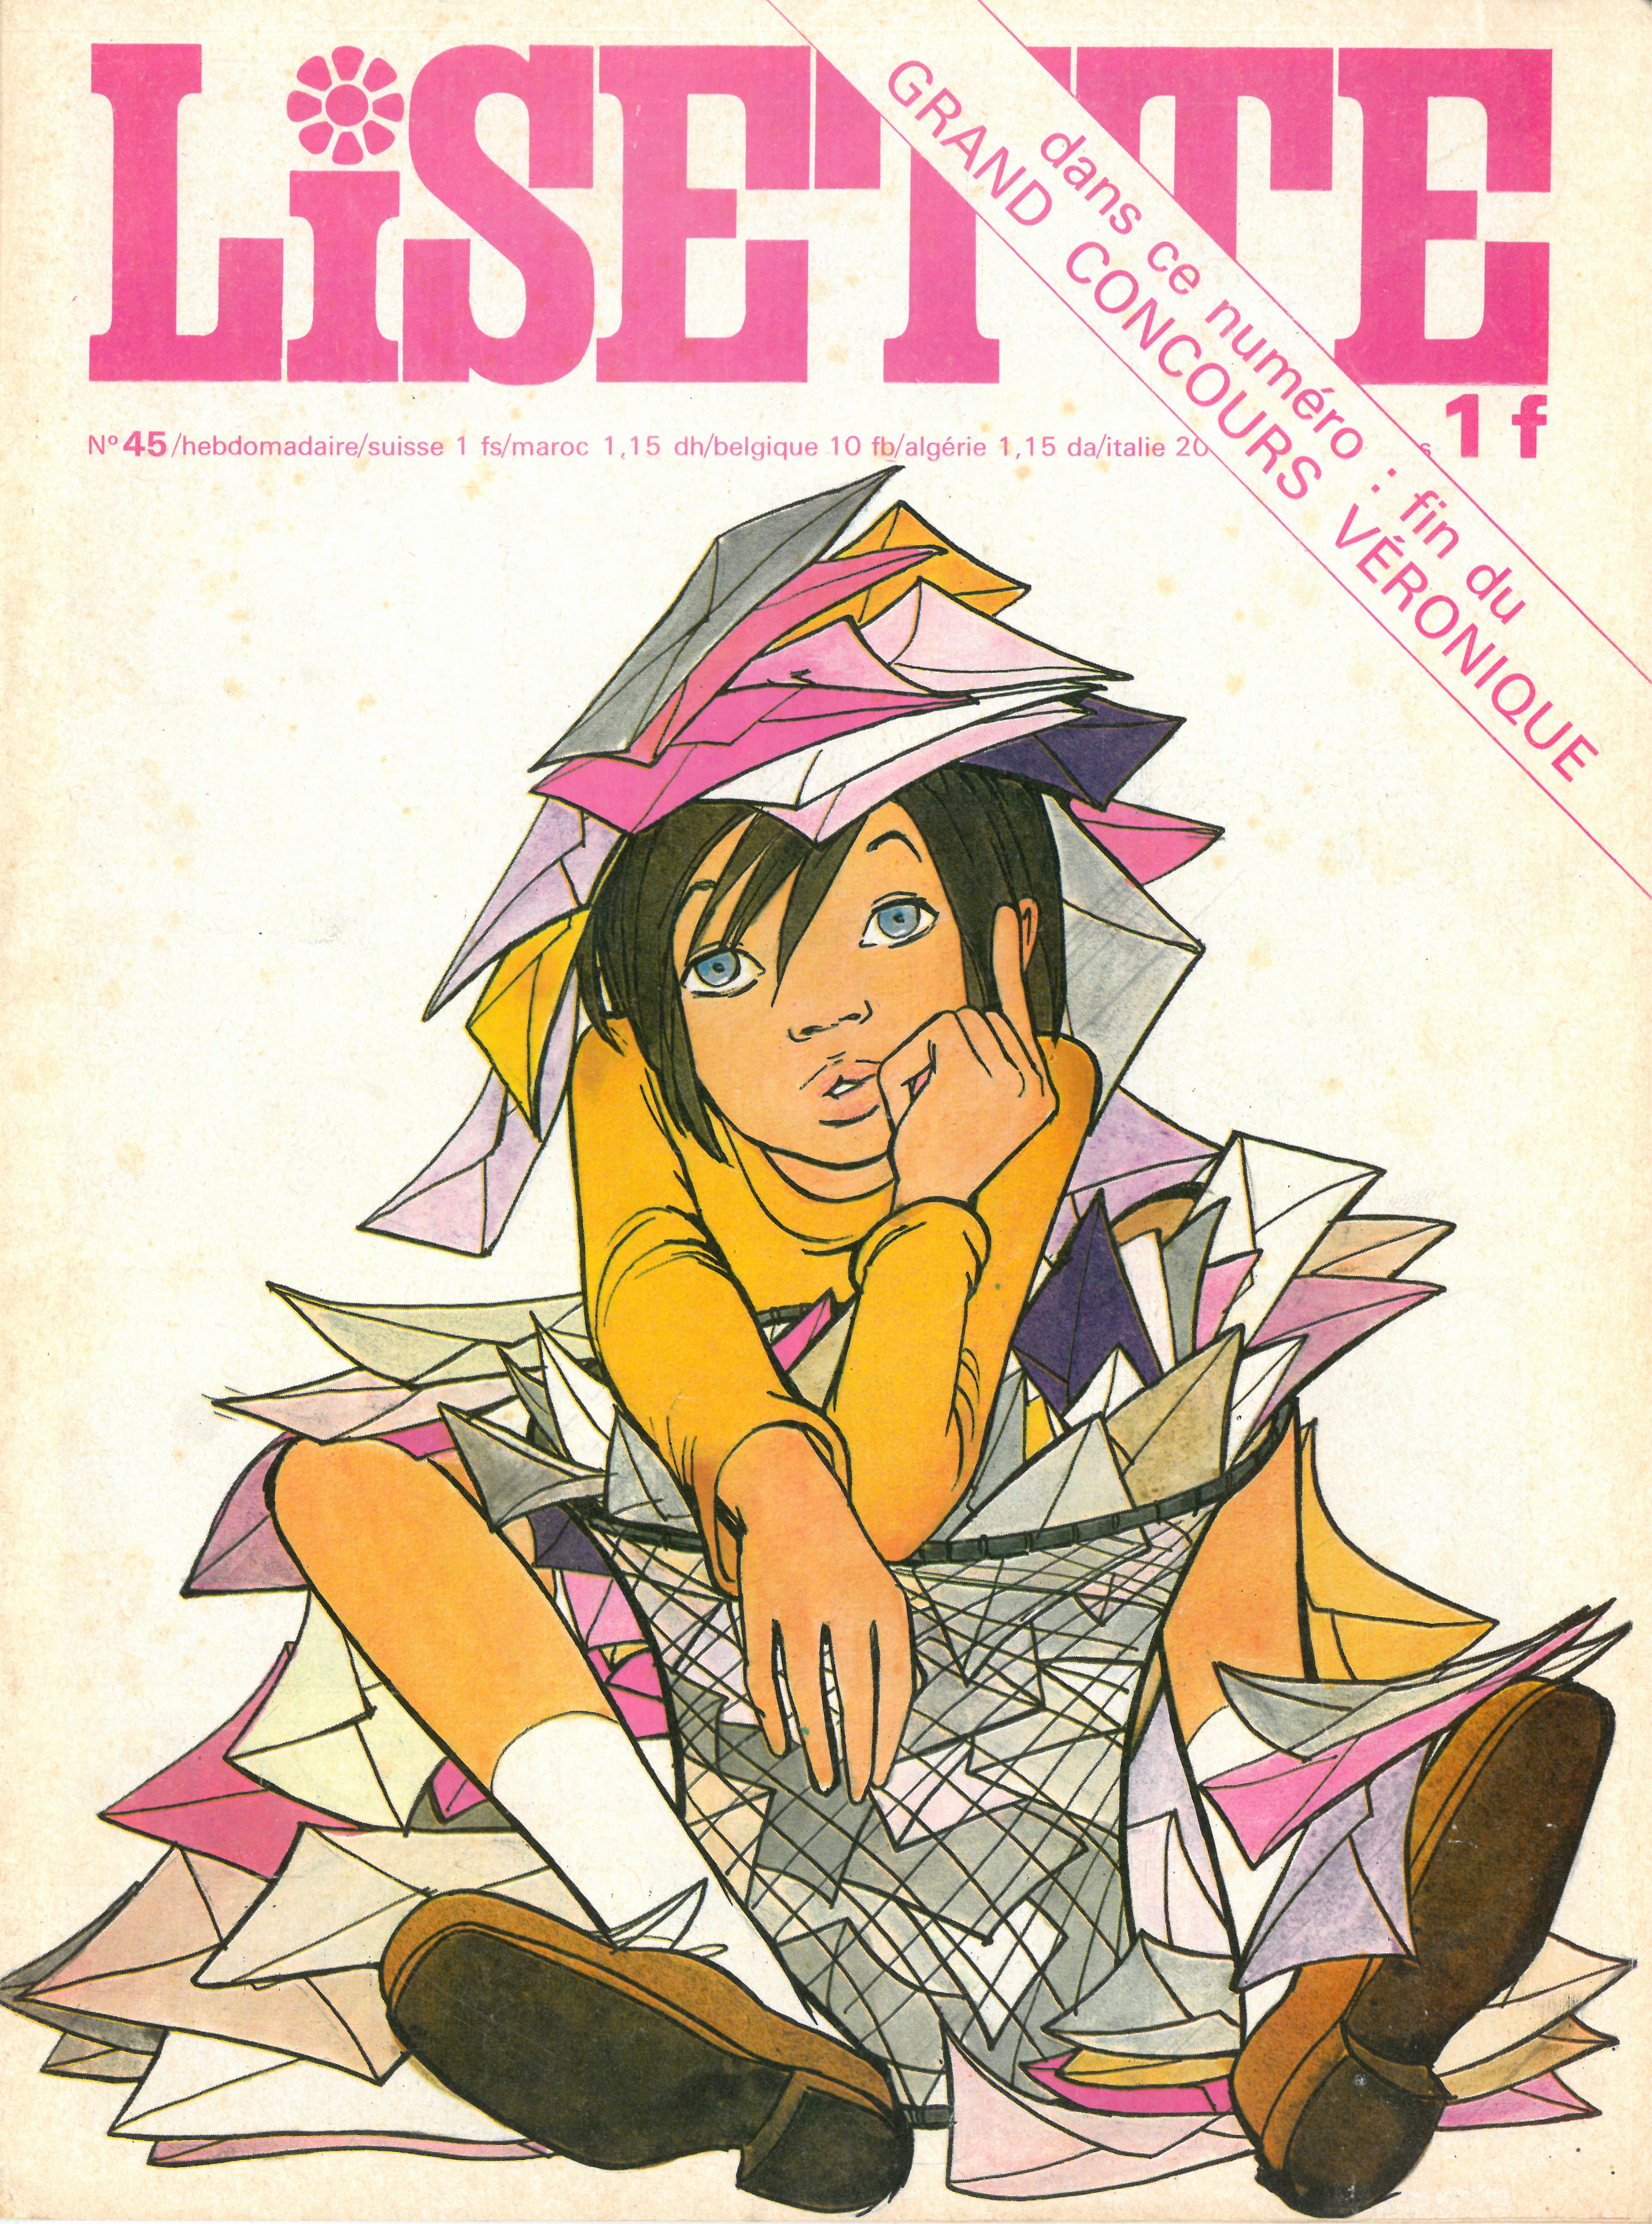 1969-11-09 – 001Lisette